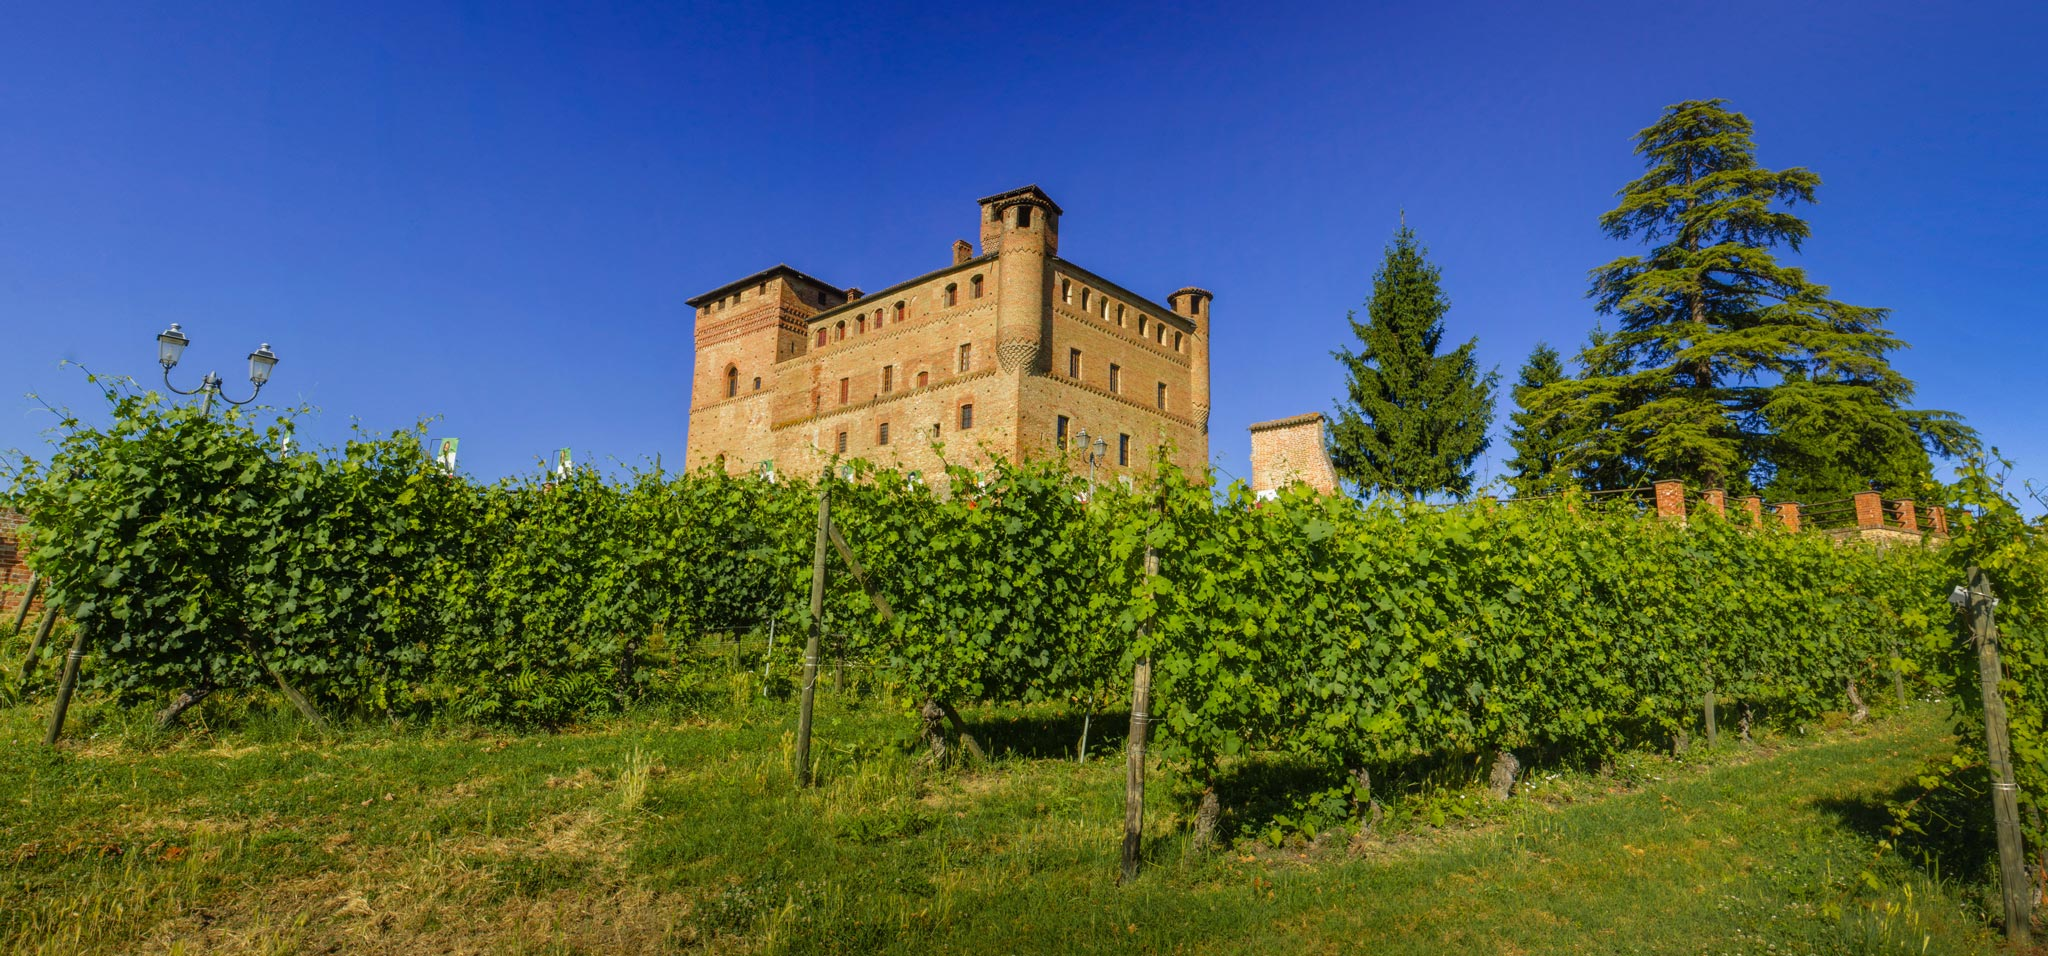 Paesaggi-Italia - Castello Diano 1 - Castello_Diano-d'Alba-Piemonte - Castello_Diano-d'Alba-Piemonte